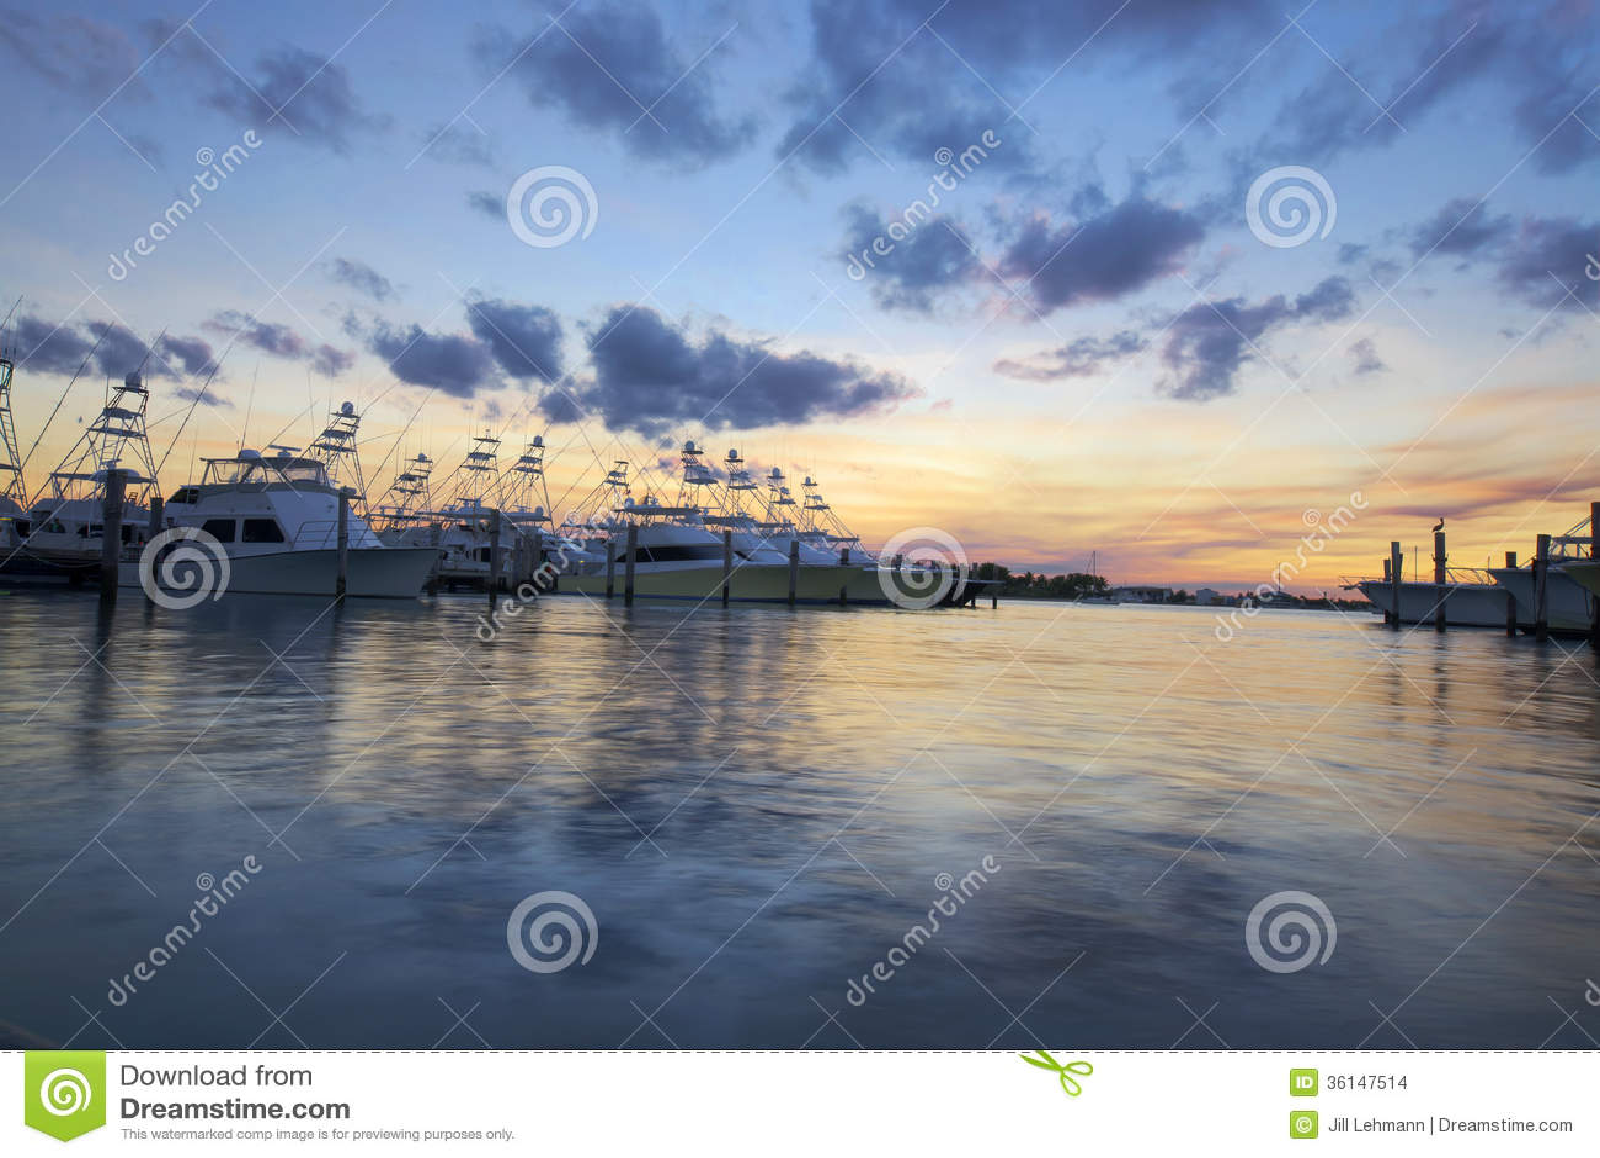 Southern Florida Marina with yachts at dusk